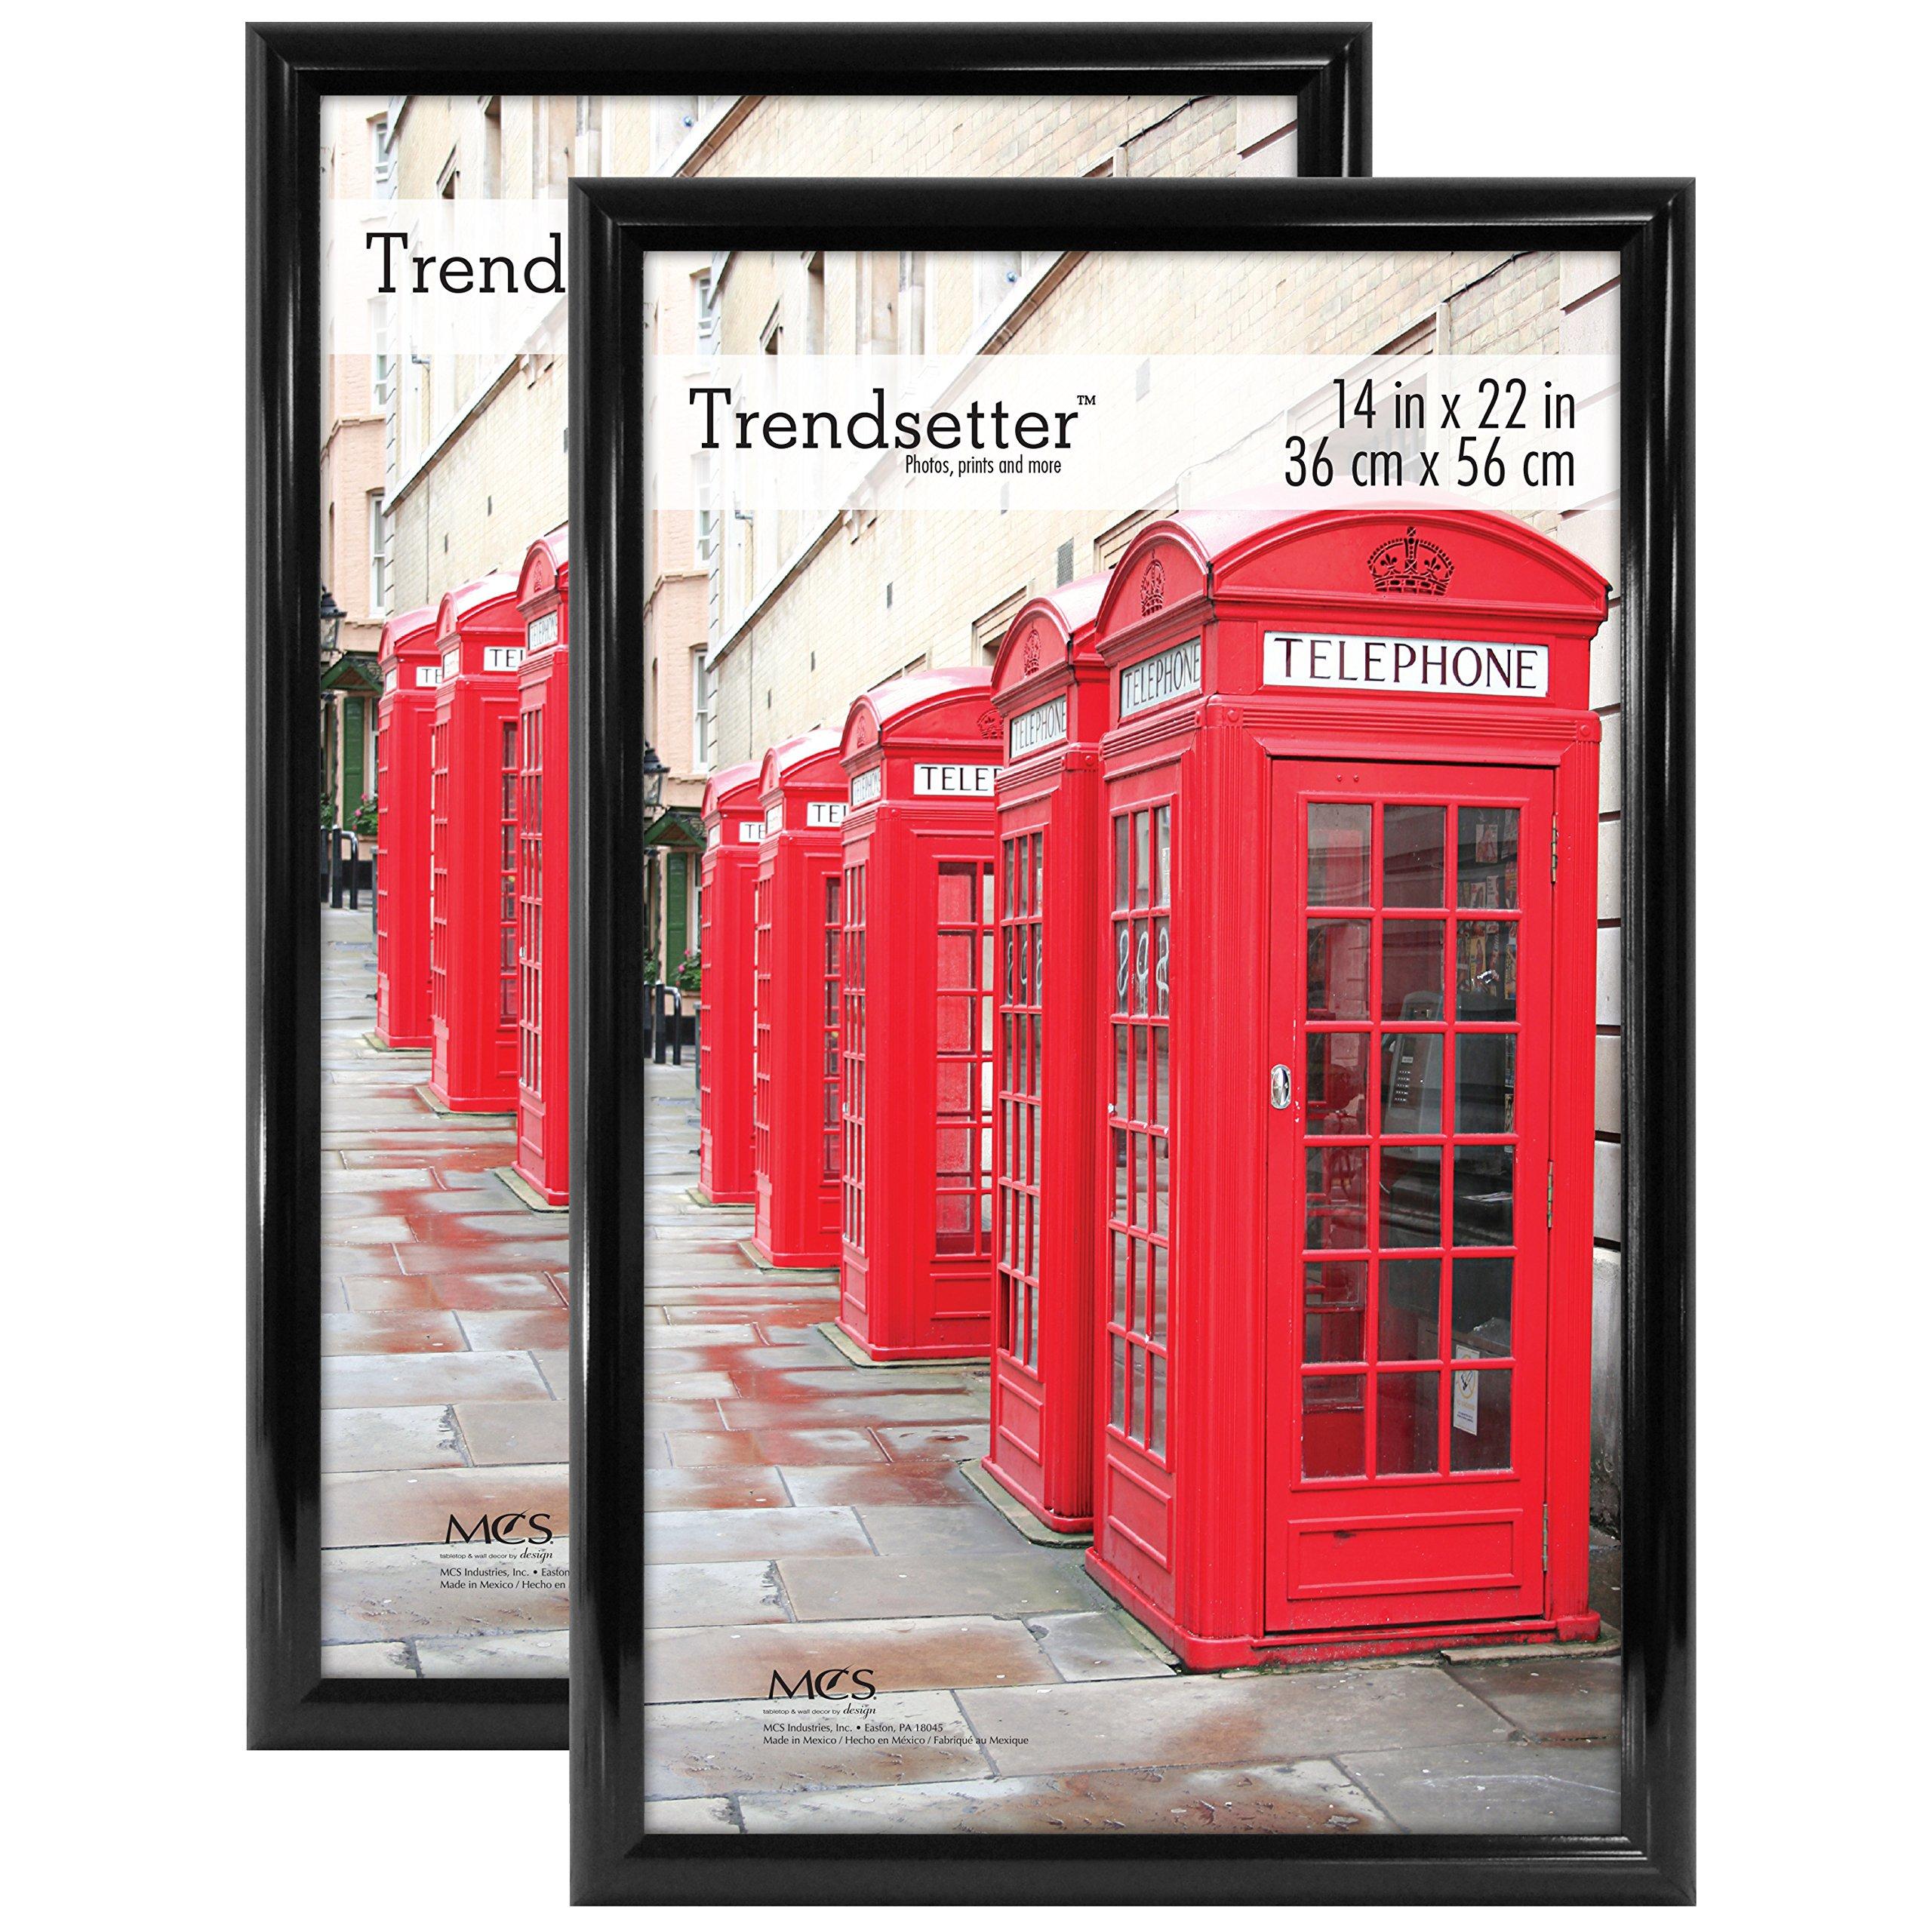 MCS Trendsetter 14x22 Inch Poster Frame (2pk), Black (65751) by MCS